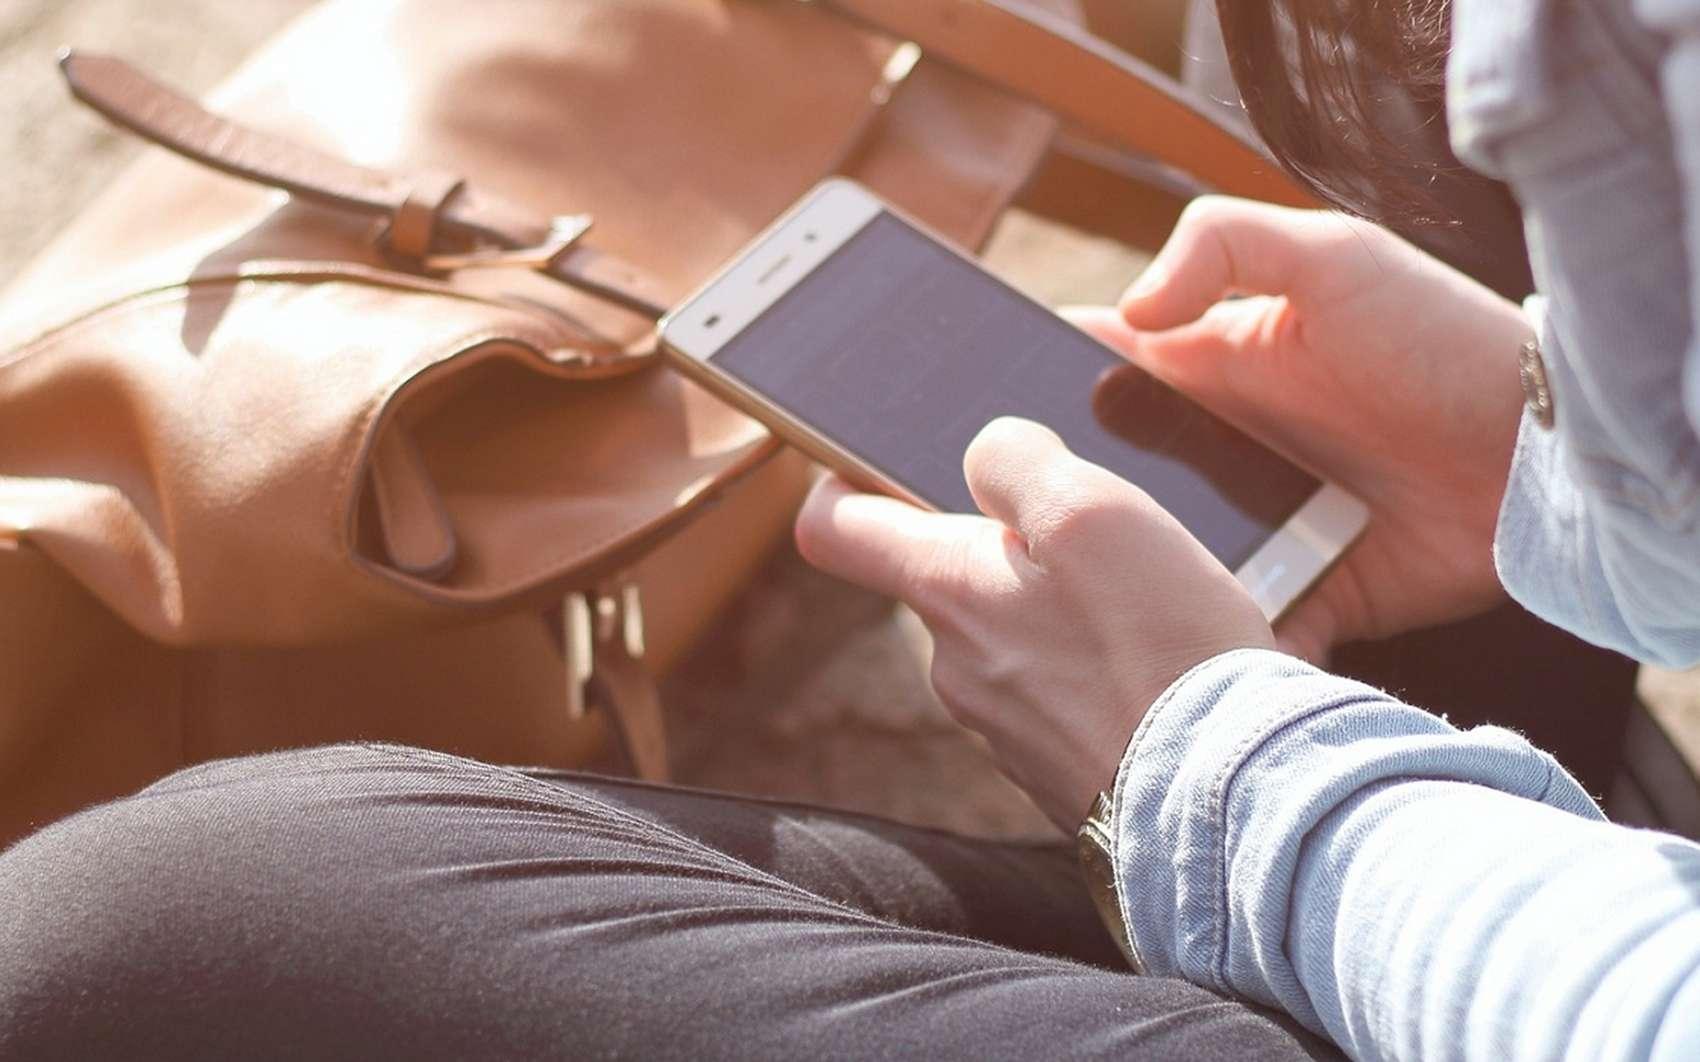 Après 25 ans de bons et loyaux services, le SMS est enfin remplacé par le RCS ! © Pixabay.com